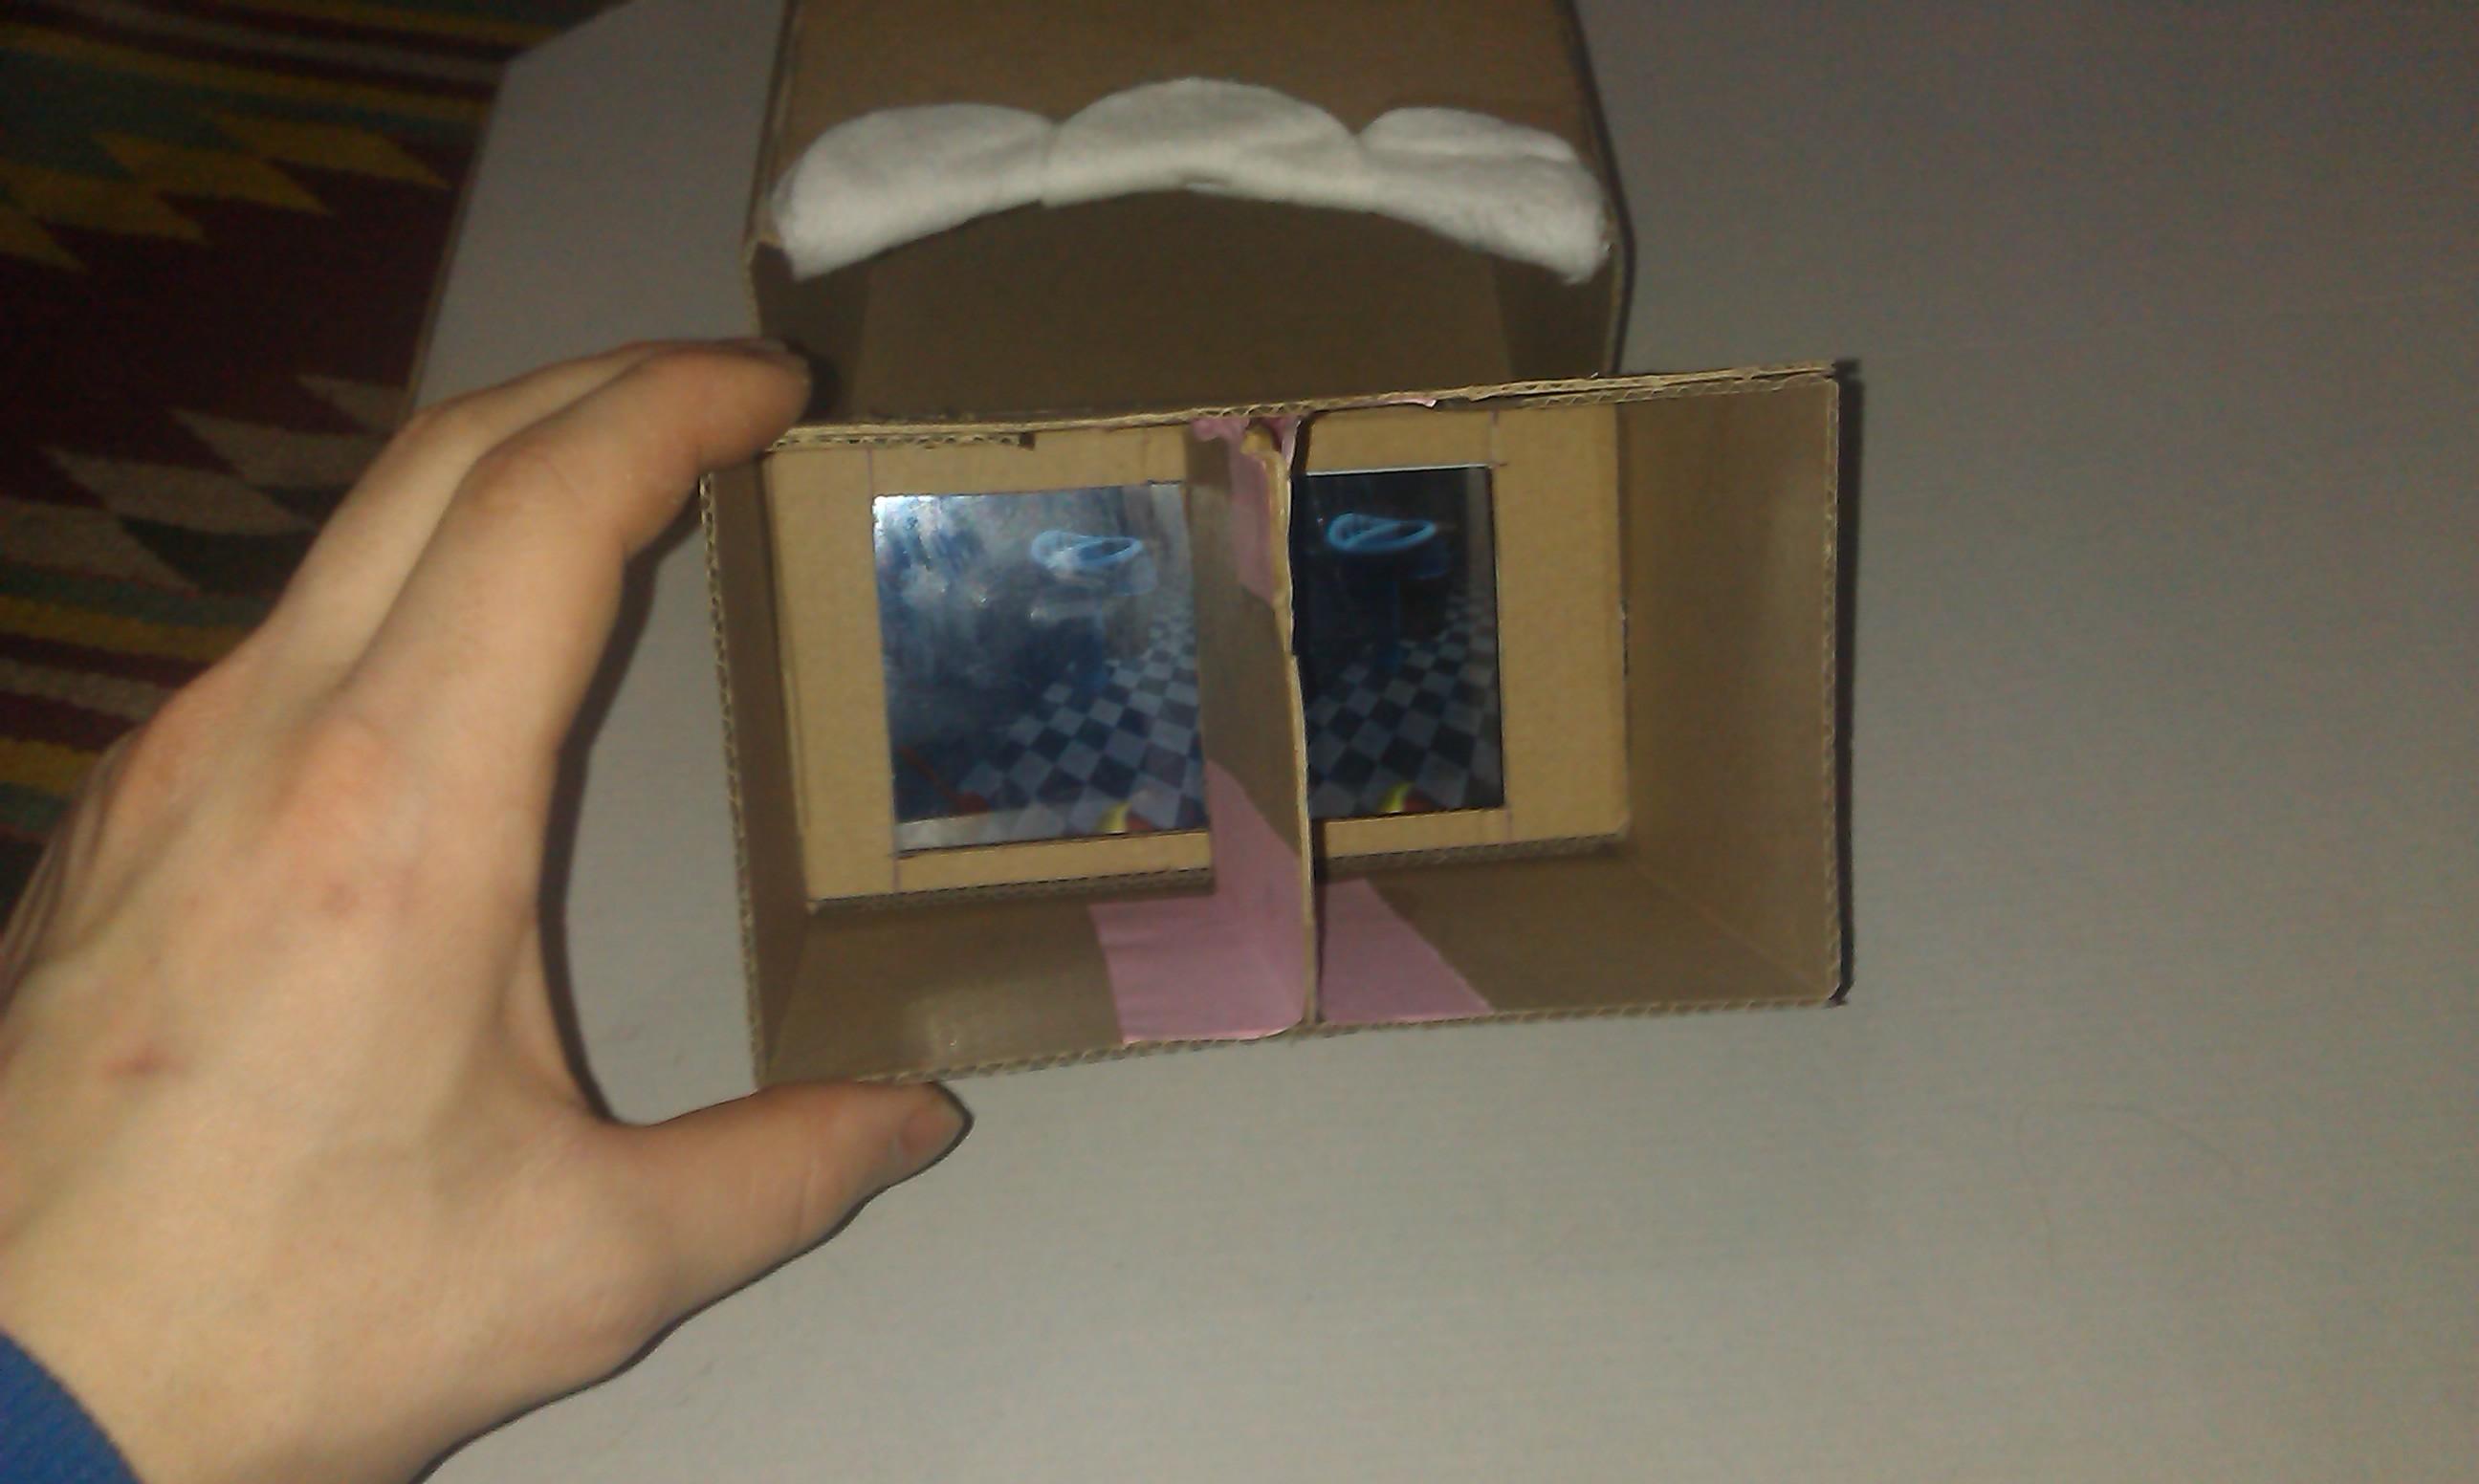 Как сделать очки виртуальной реальности для игр купить combo по дешевке в волжский